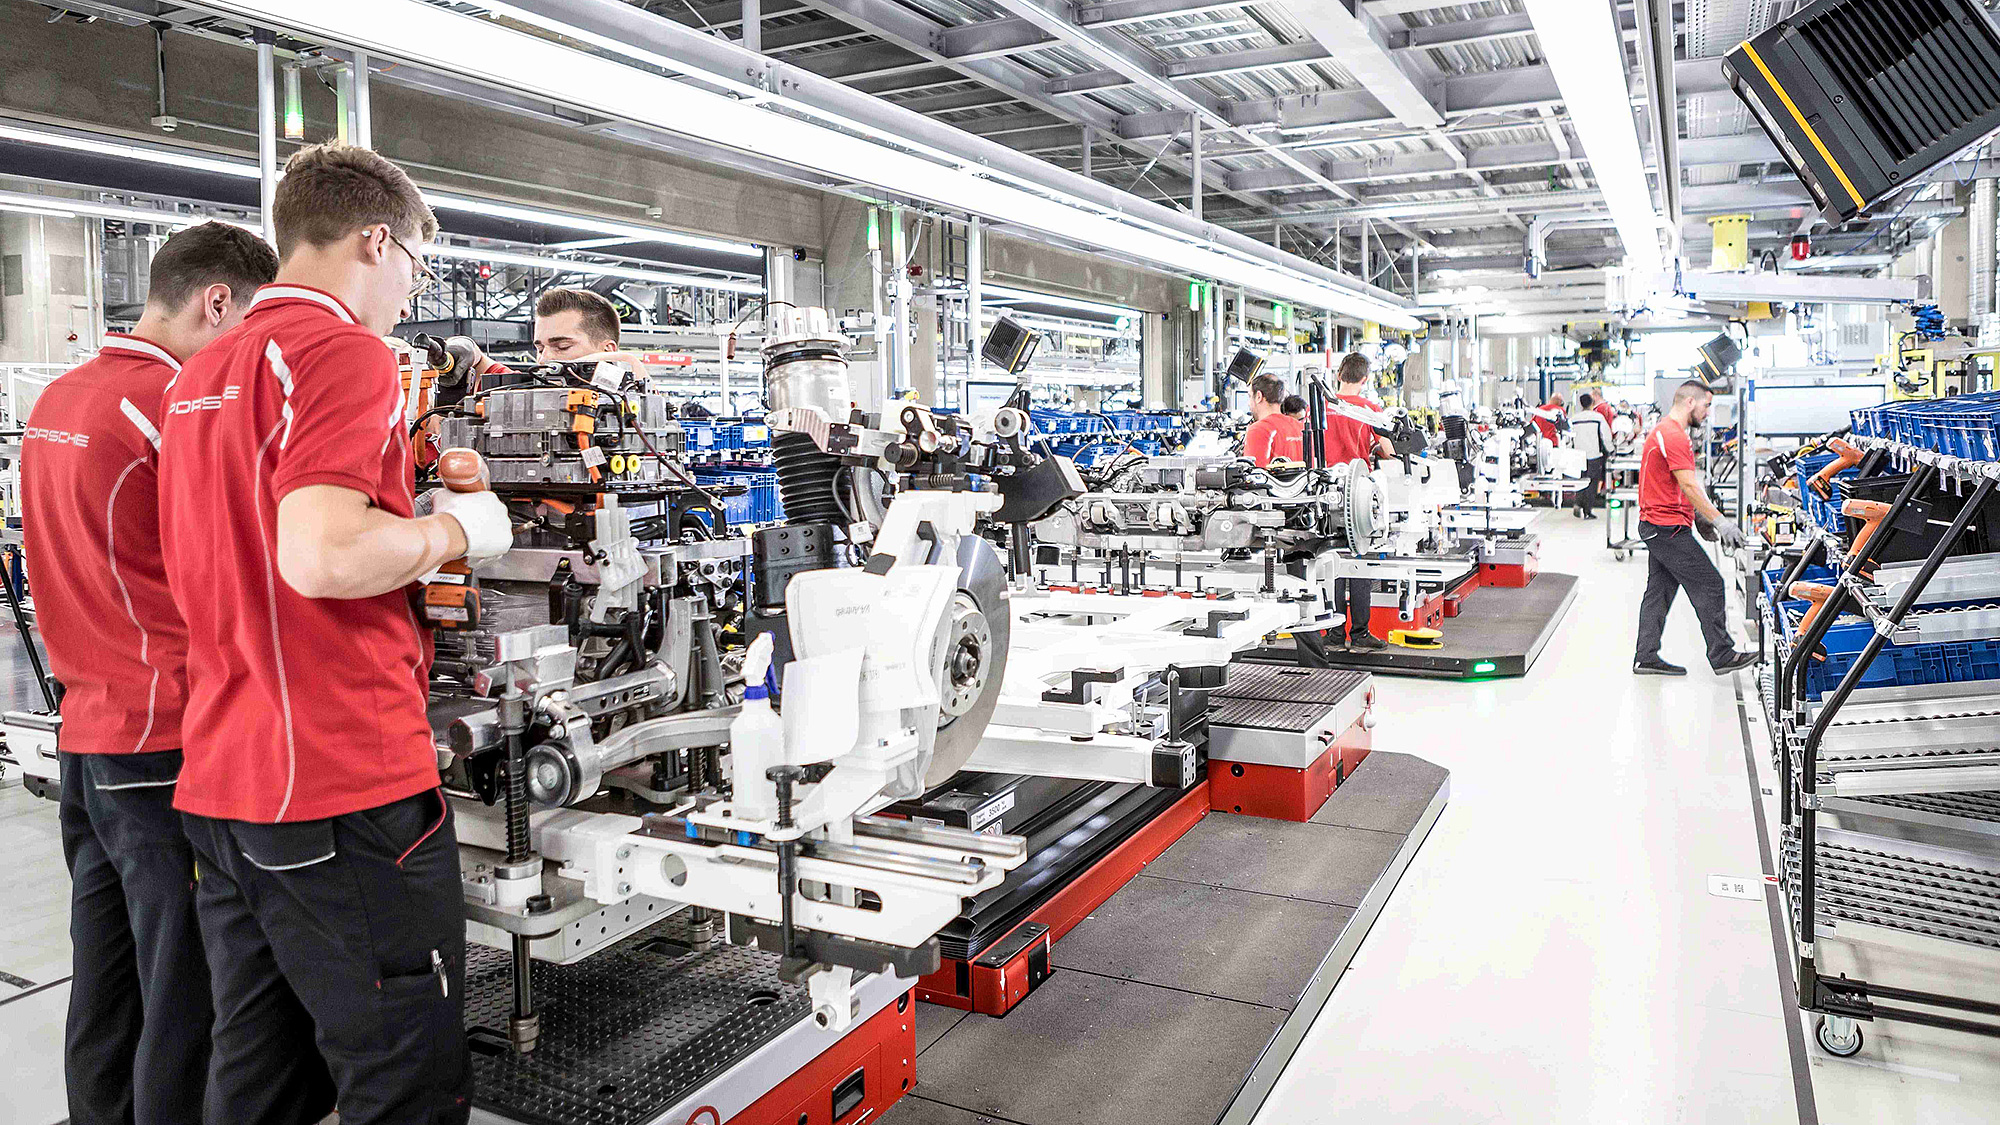 為達 Taycan 生產碳中和目標,Porsche 啟用祖文豪森全新產區